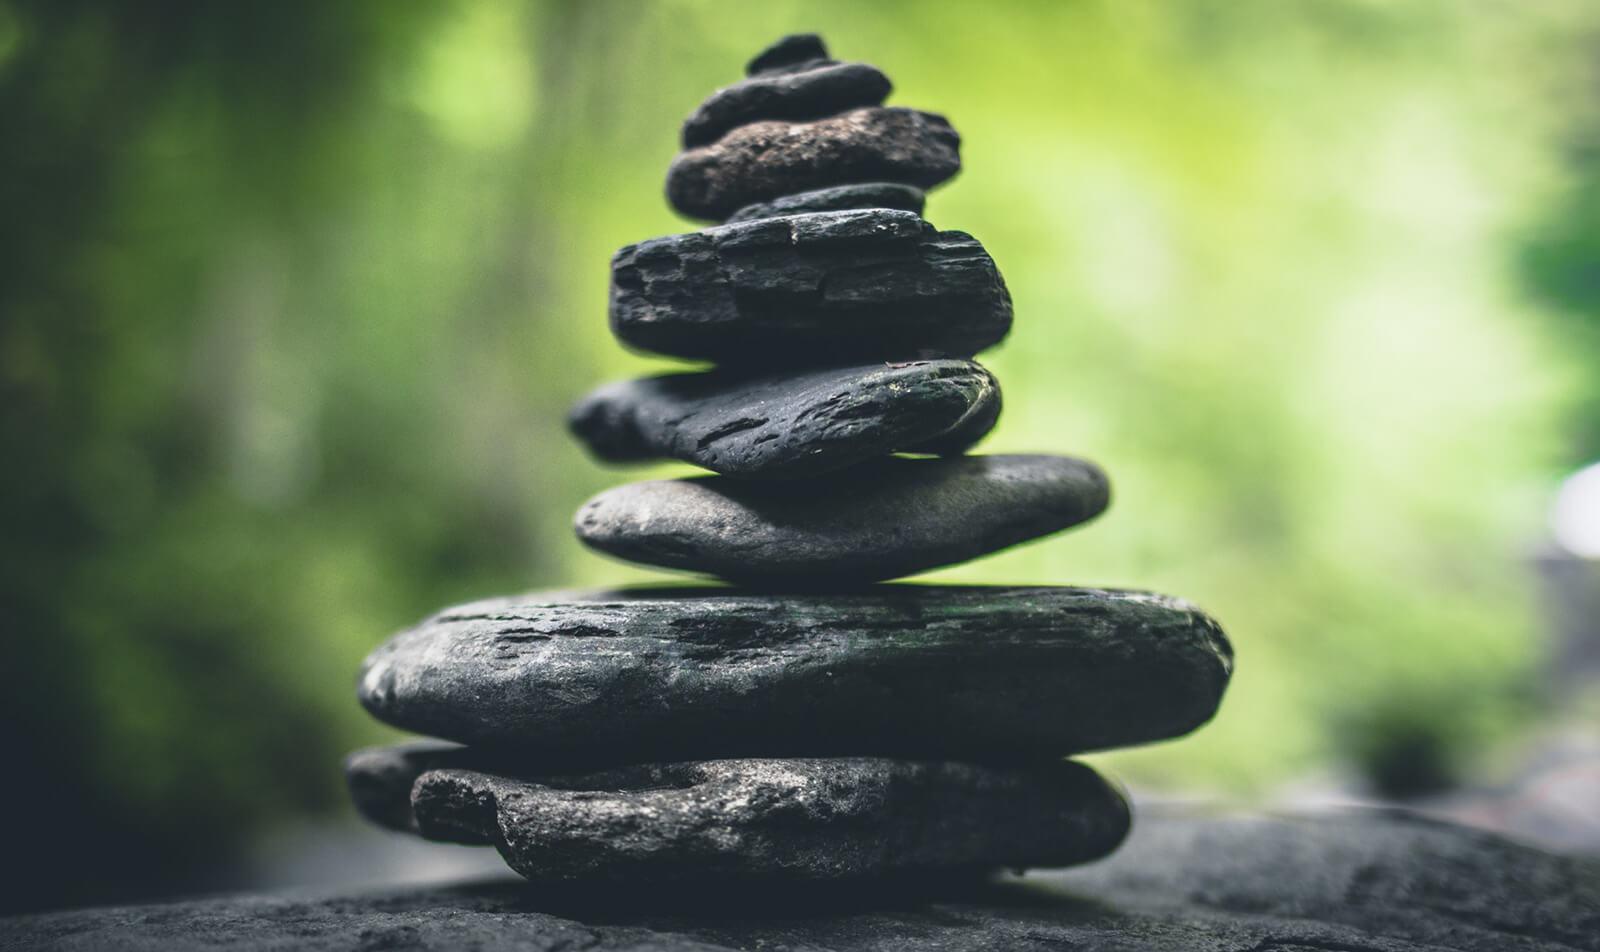 Диалог - баланс между необходимостью и естественностью